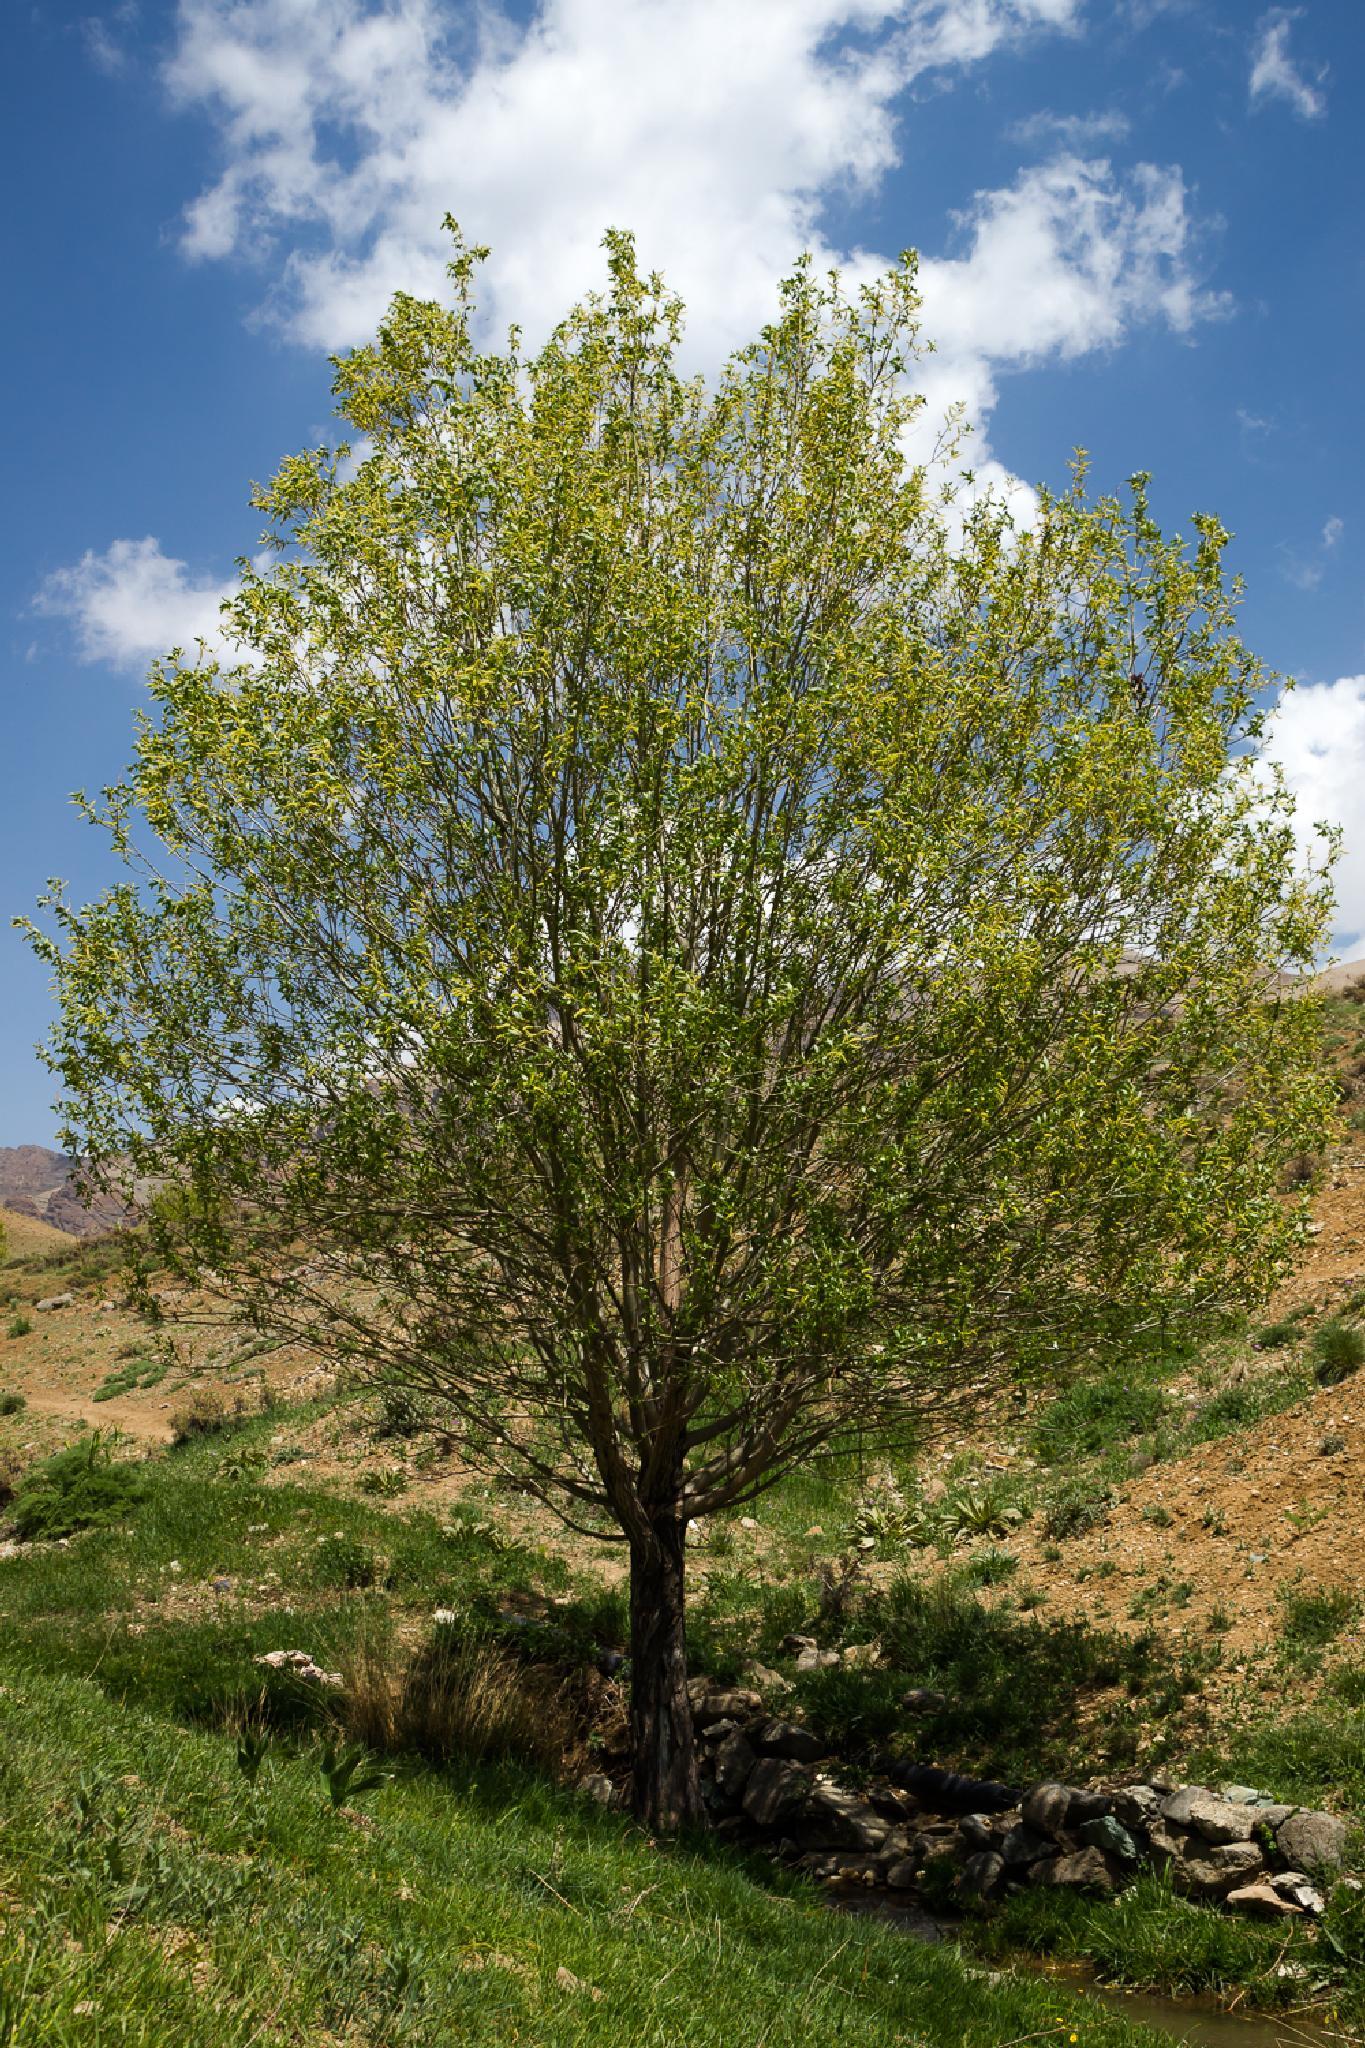 The Tree by Mohammad Farahani